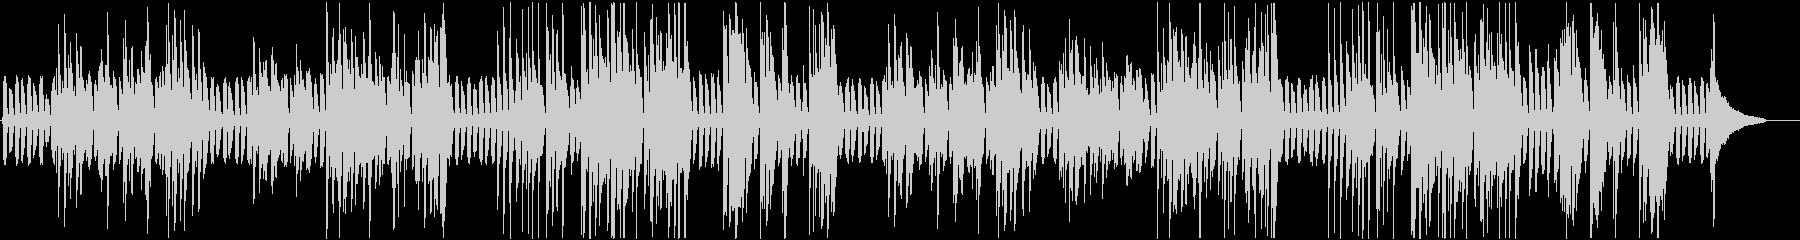 のんびりラグタイム風のピアノの未再生の波形